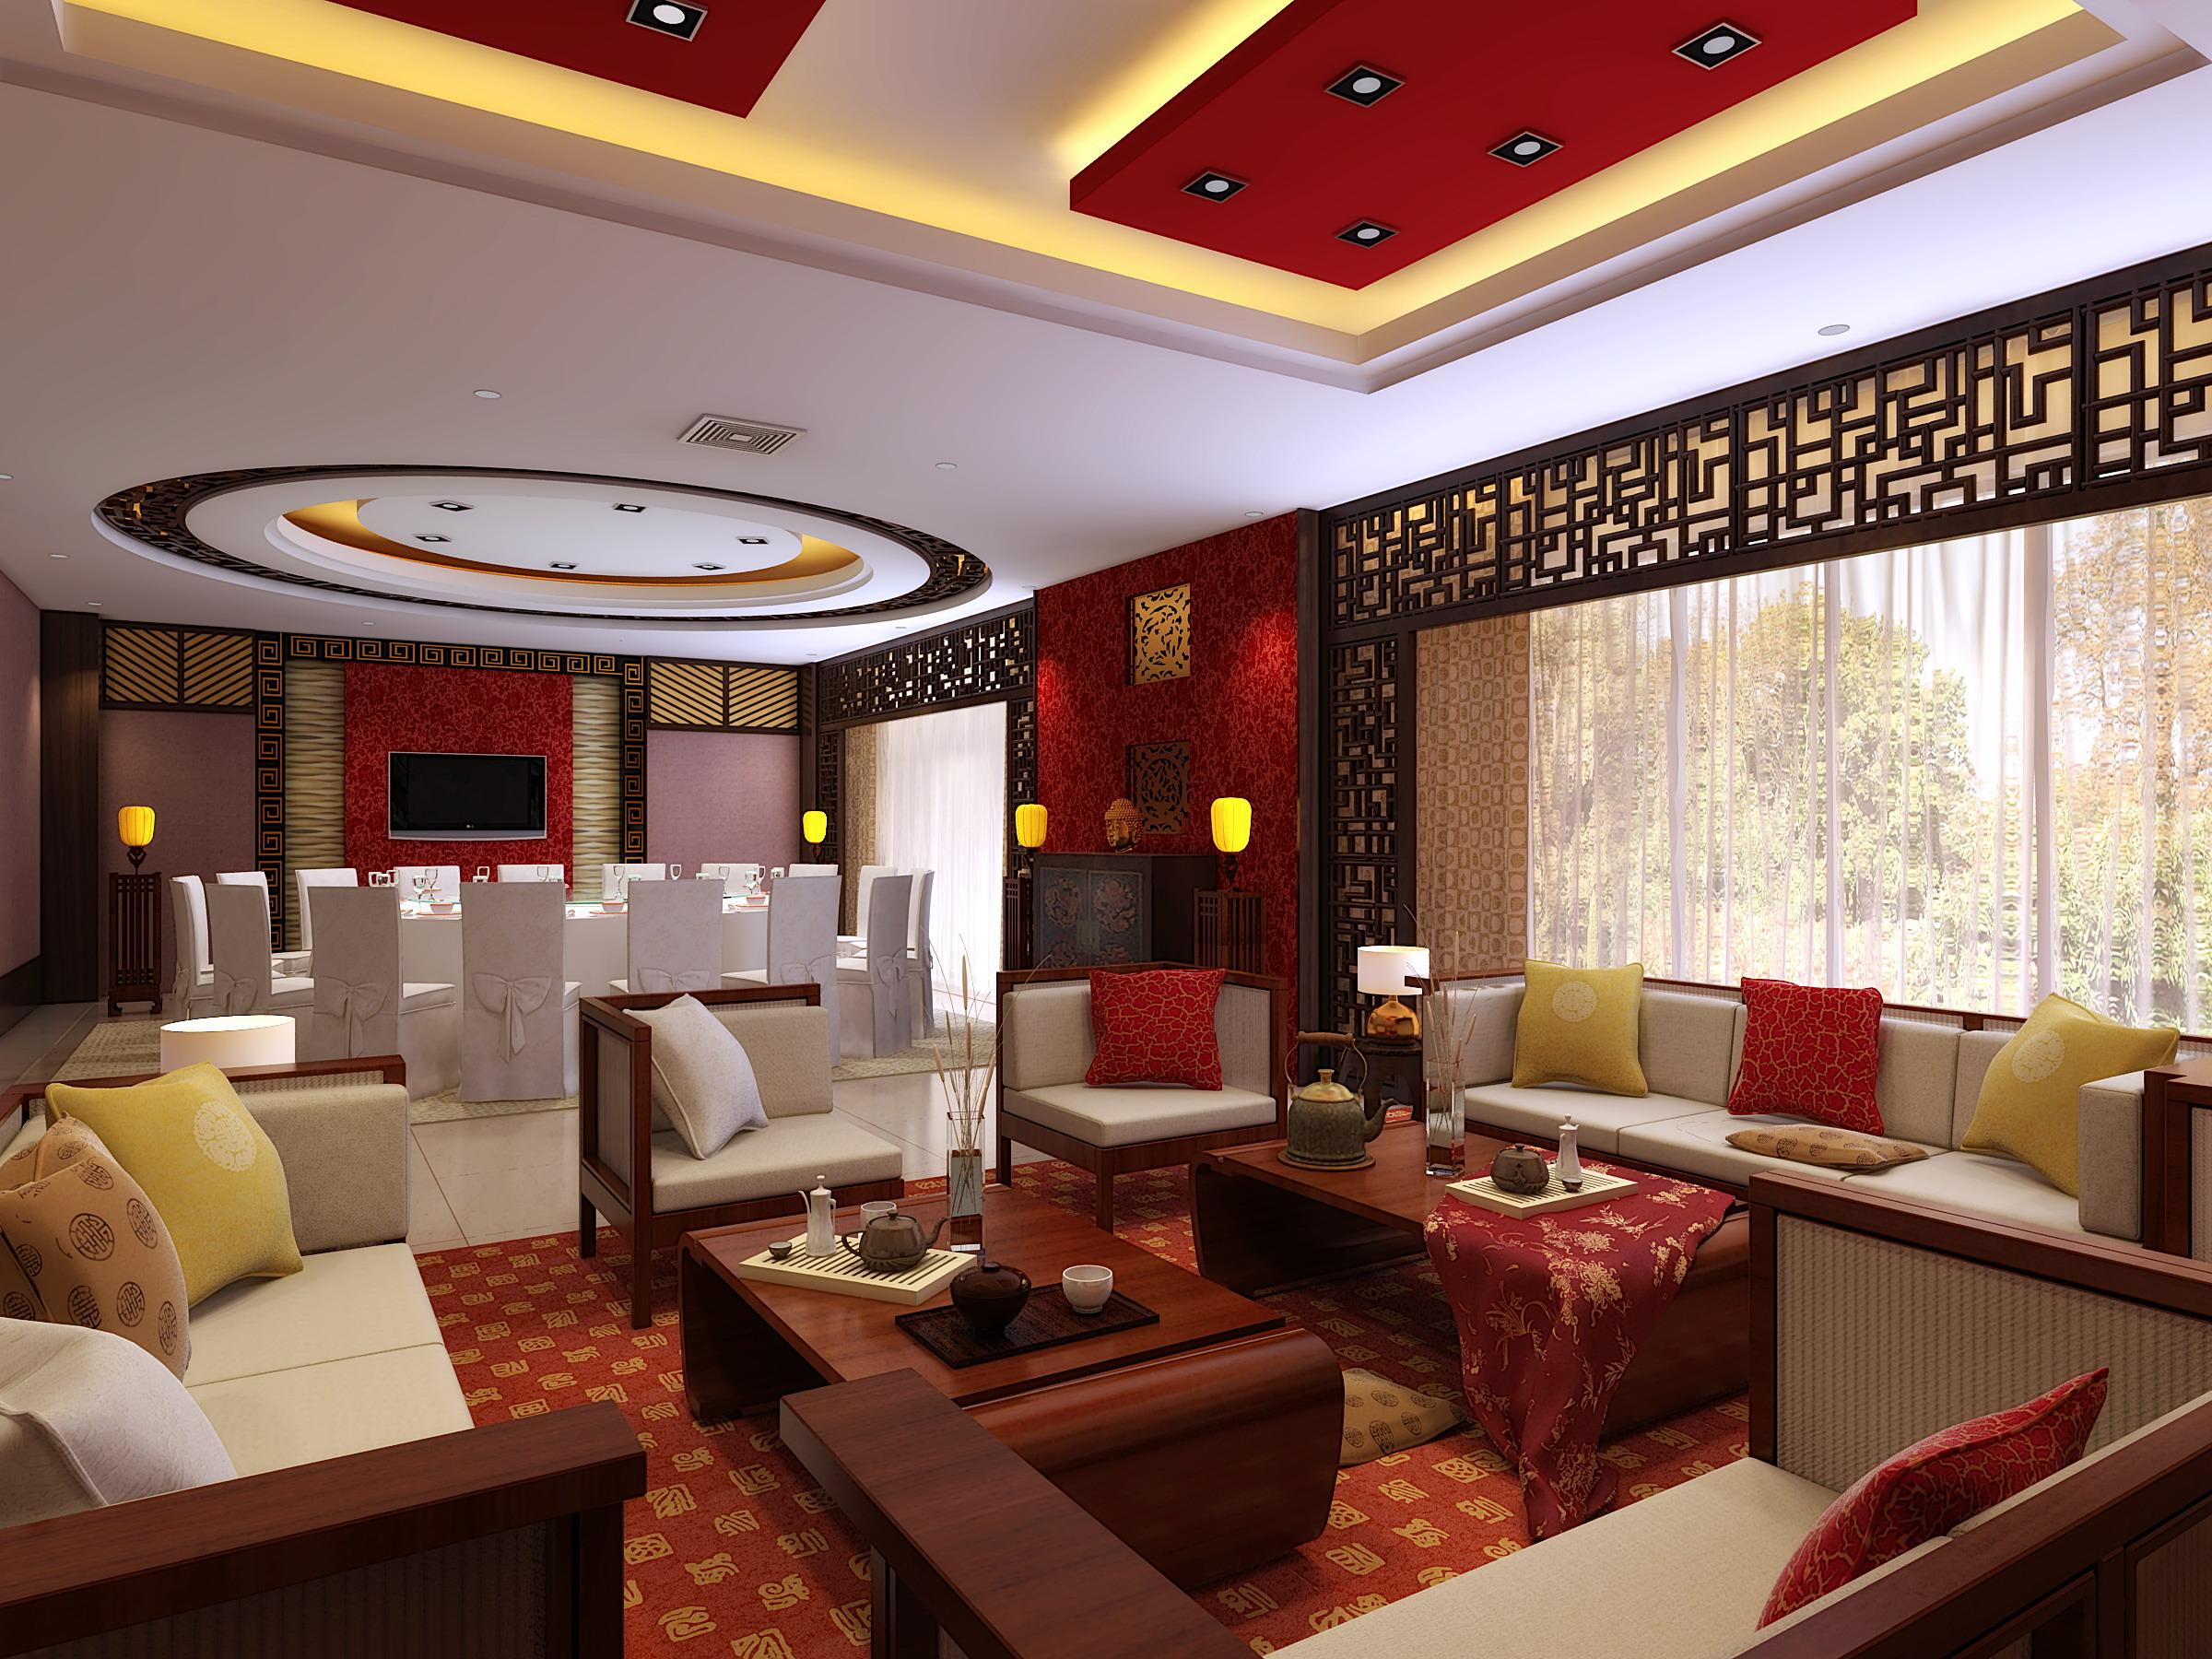 restaurant 037 3d model max 145365